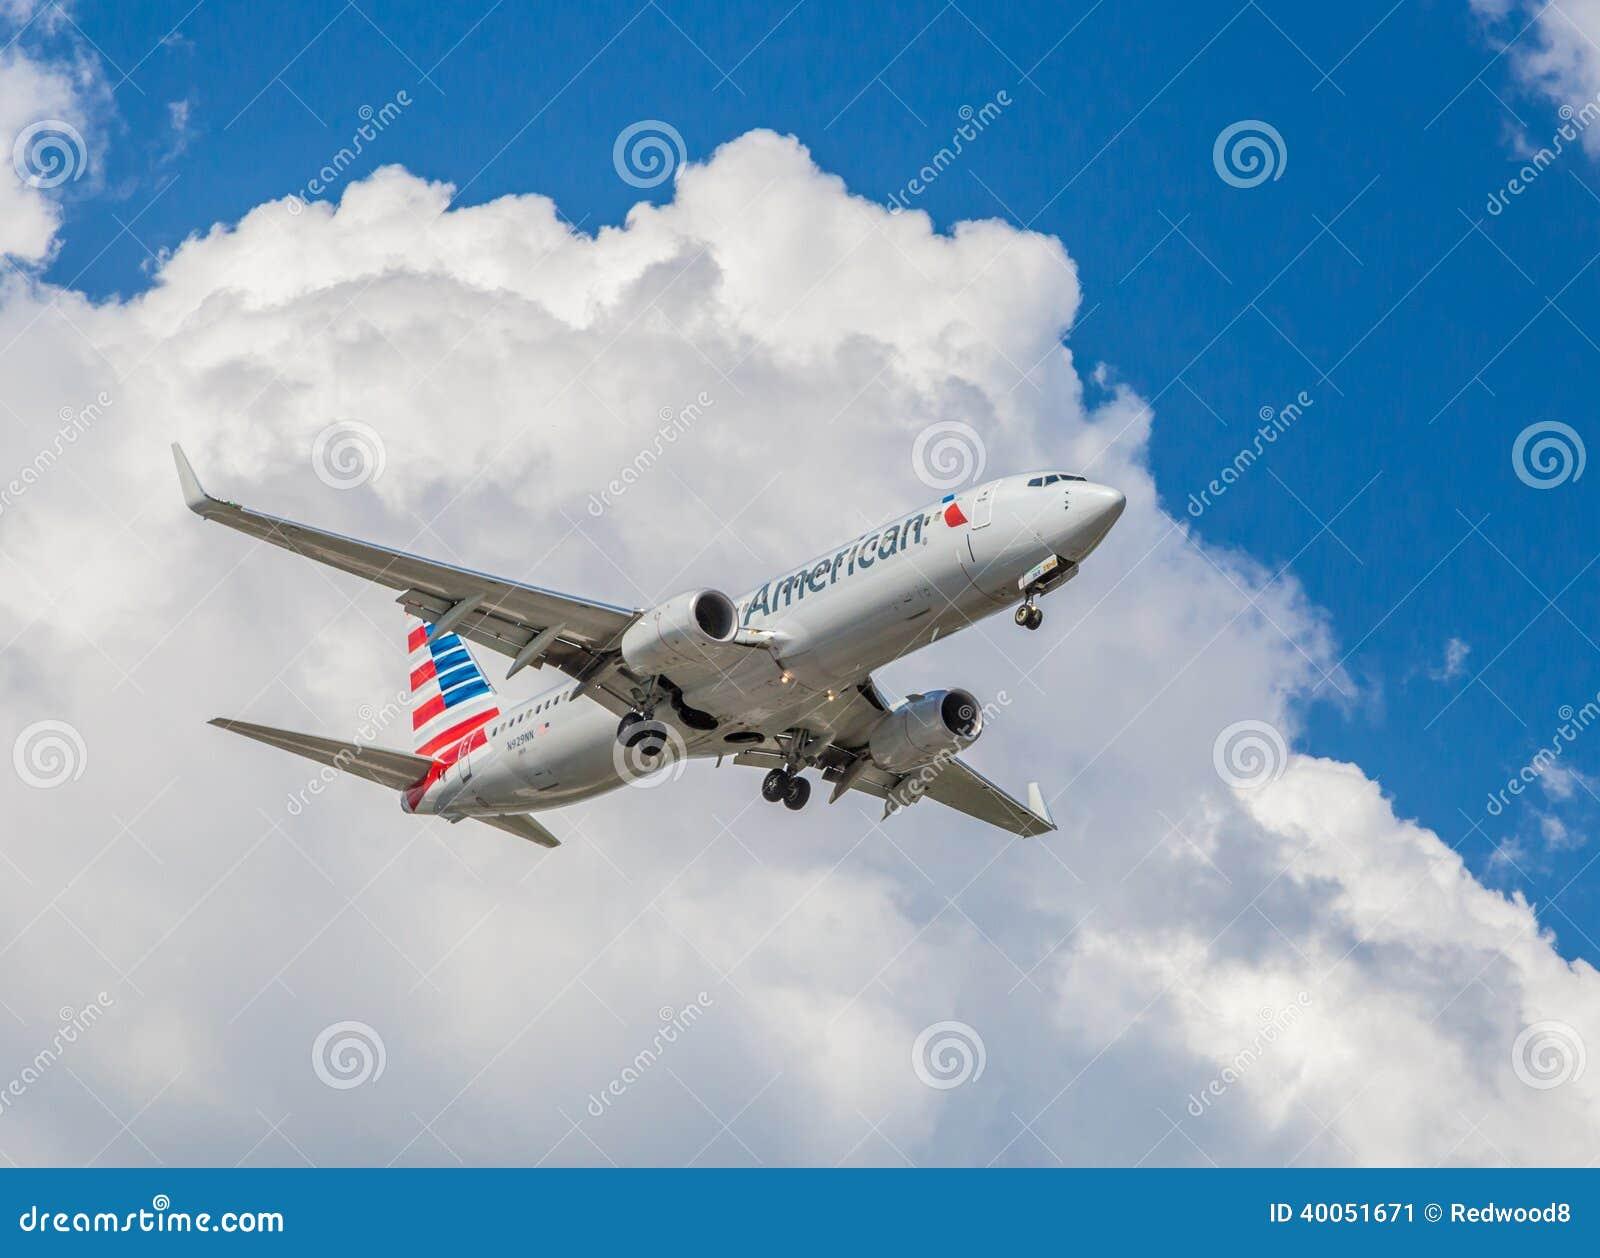 American Airlines trafikflygplan